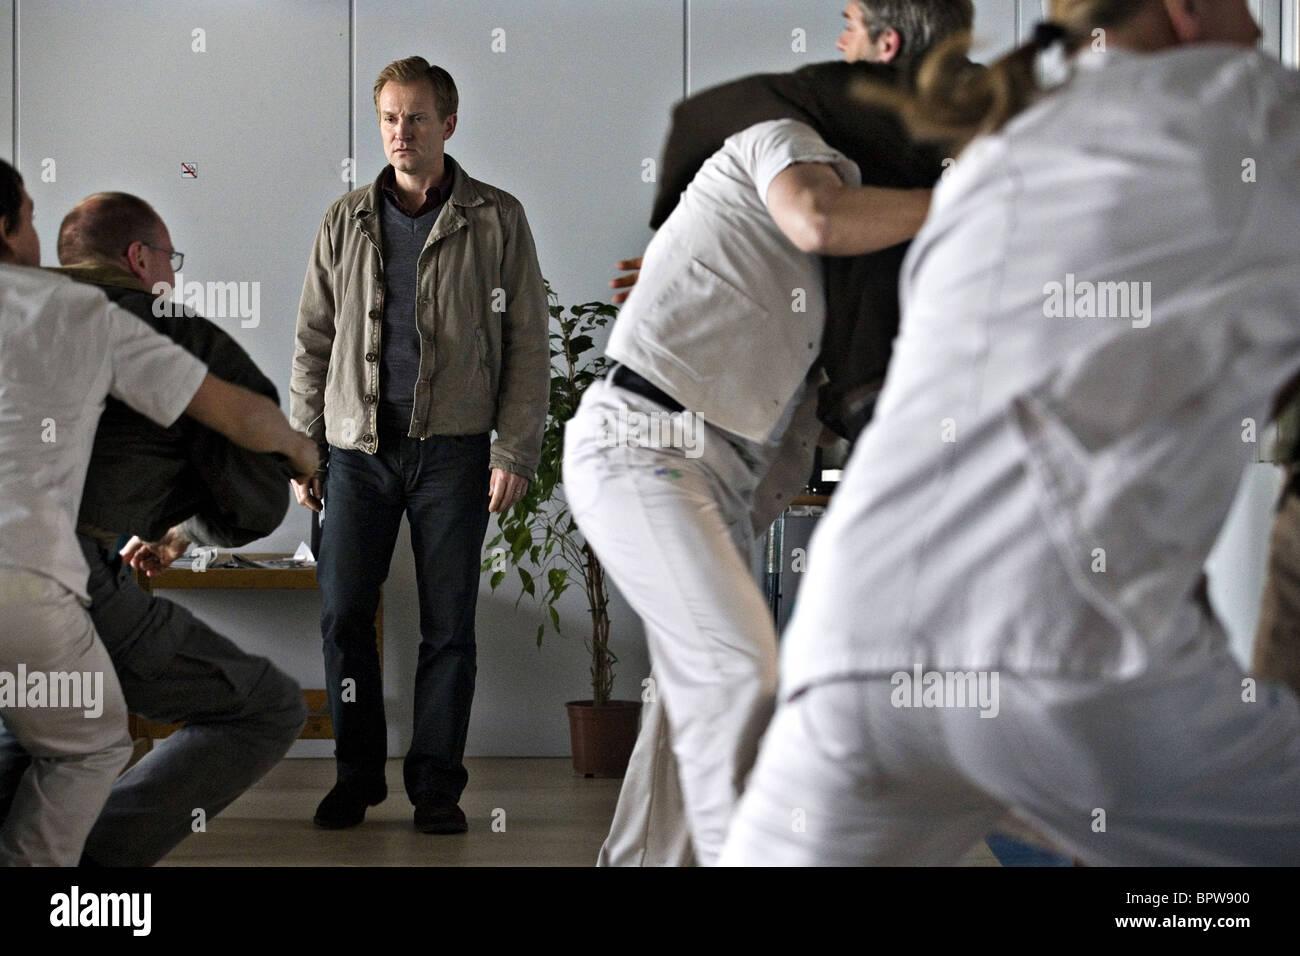 ULRICH THOMSEN Den du frygter; la paura di me non (2008) Immagini Stock